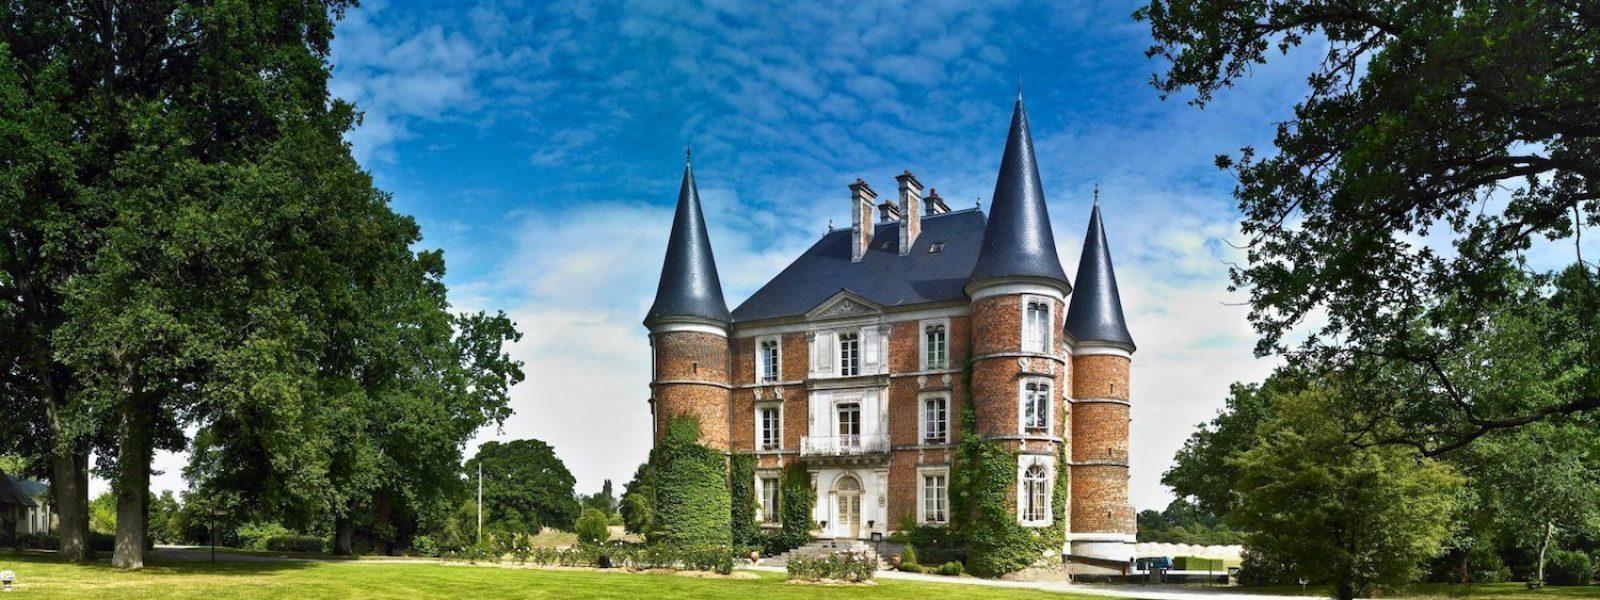 Chateau Apigné - Rennes